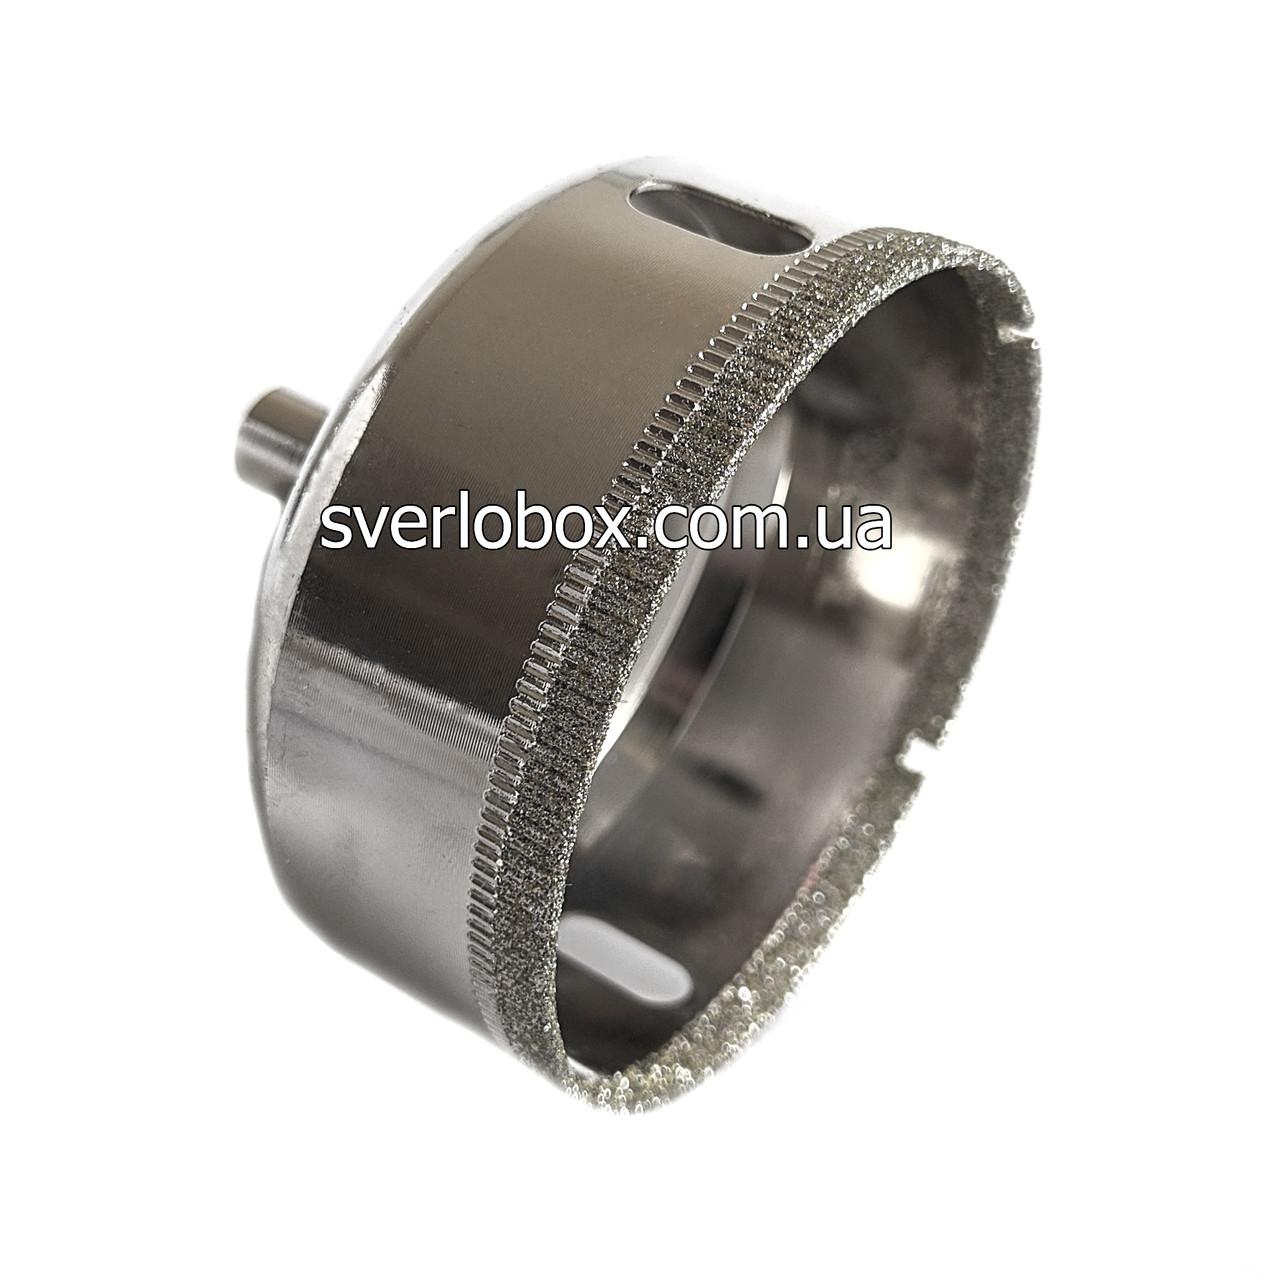 Алмазна Коронка по плитці і склу 22 мм, Коронка 22 мм з алмазним напиленням по склу та кераміці